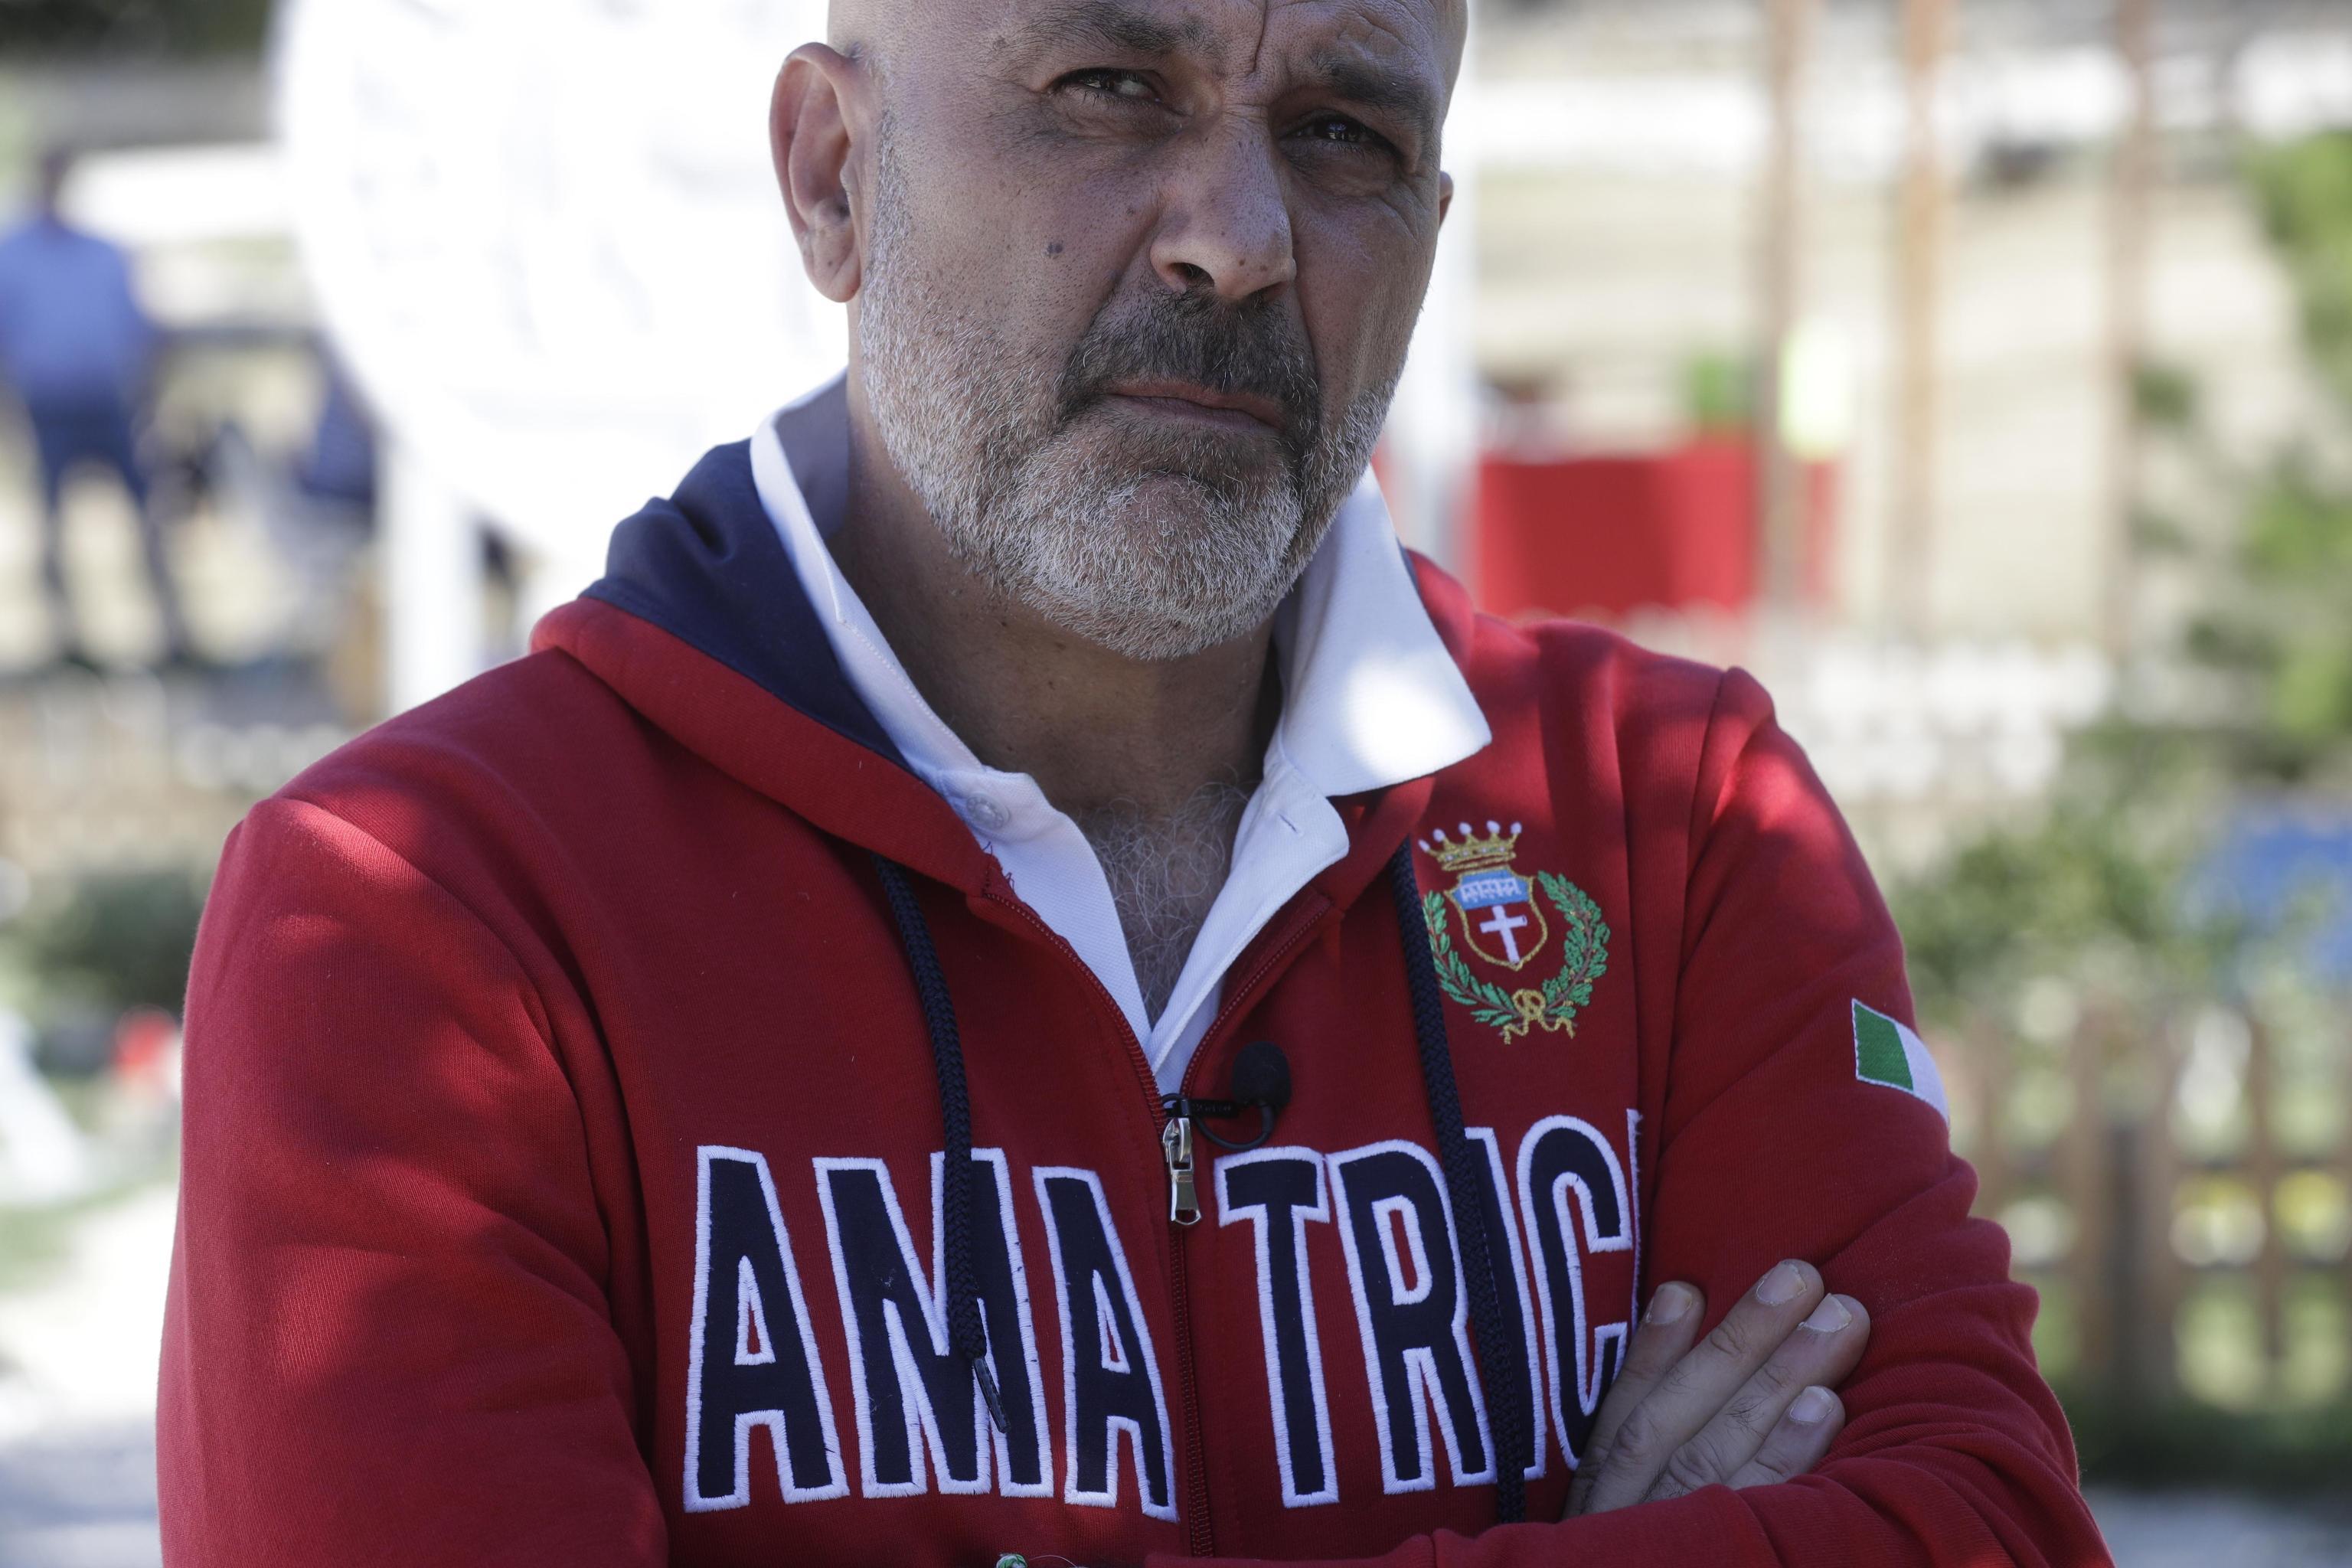 Il sindaco-allenatore di Amatrice racconta la scossa dello scarpone a NanoPress.it [INTERVISTA]